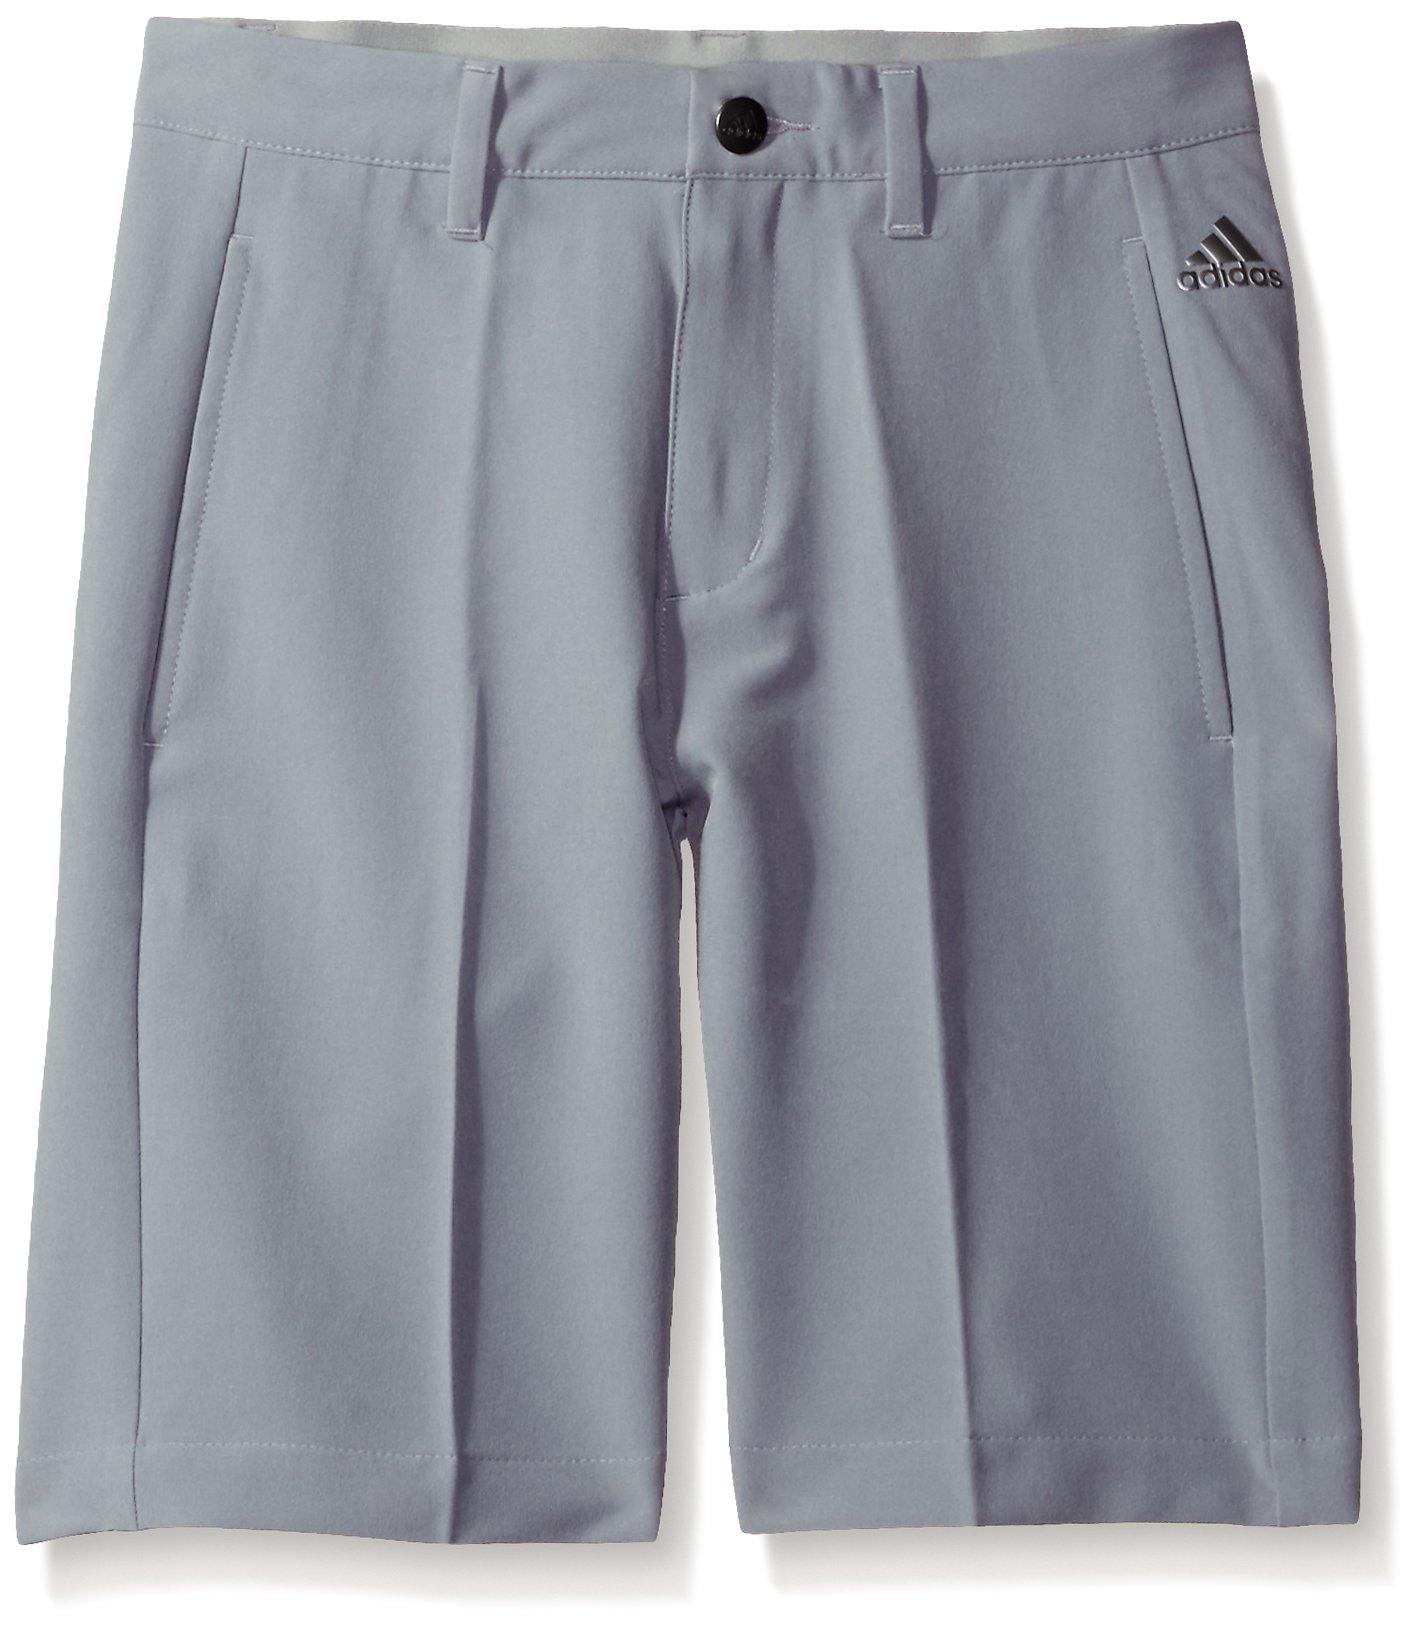 adidas Golf Boys Ultimate Shorts, Mid Grey, Medium by adidas